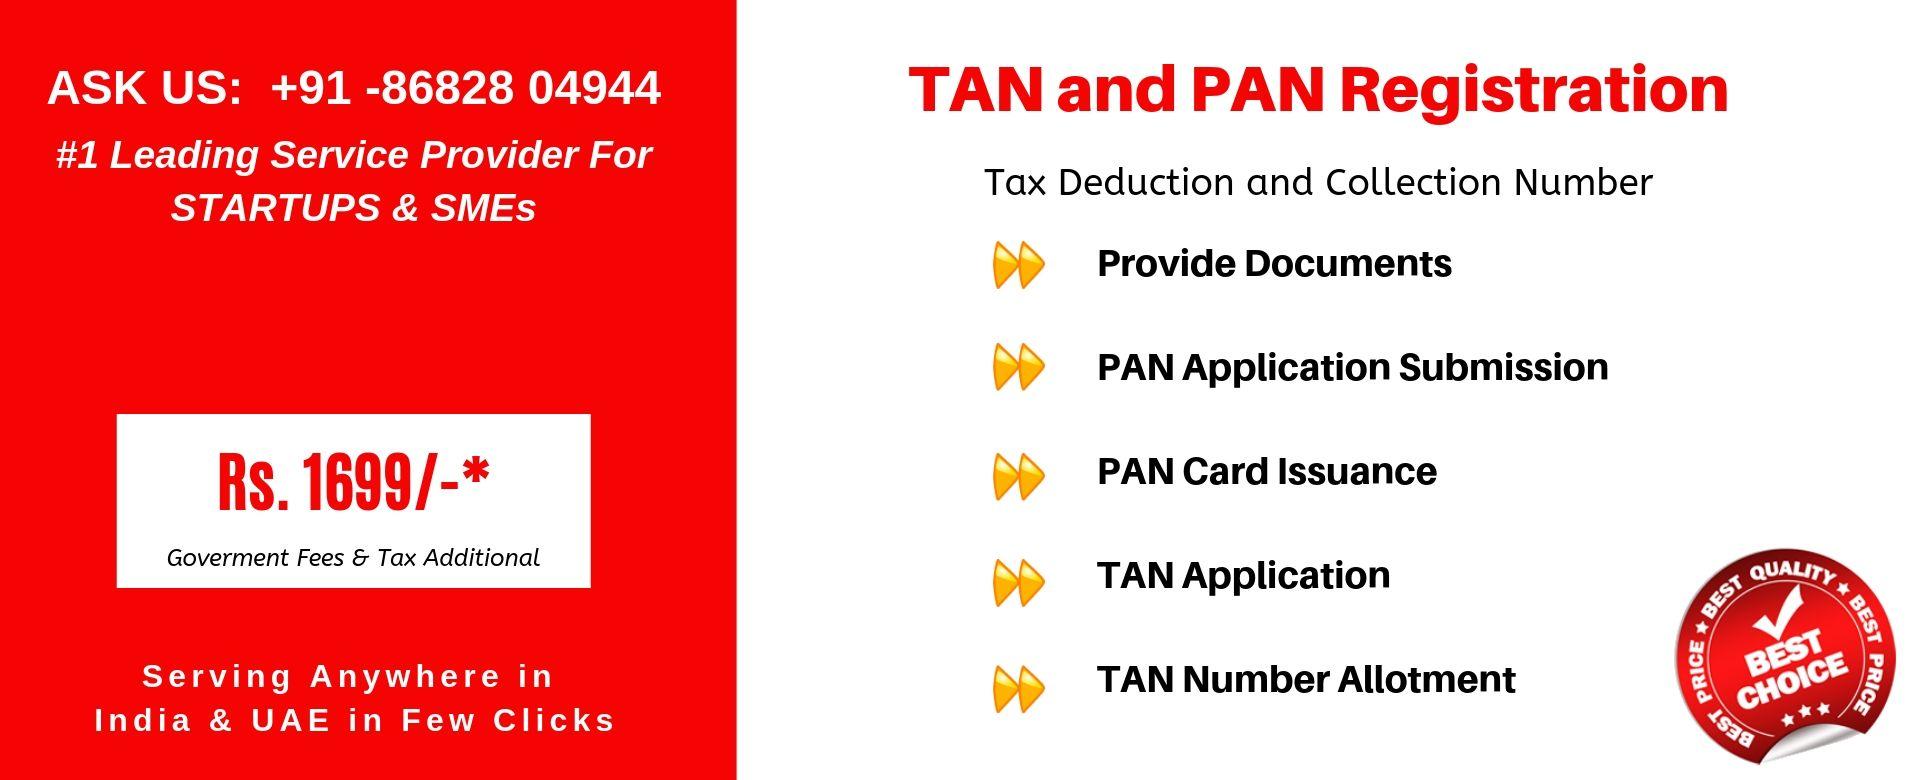 tan pan registration in india